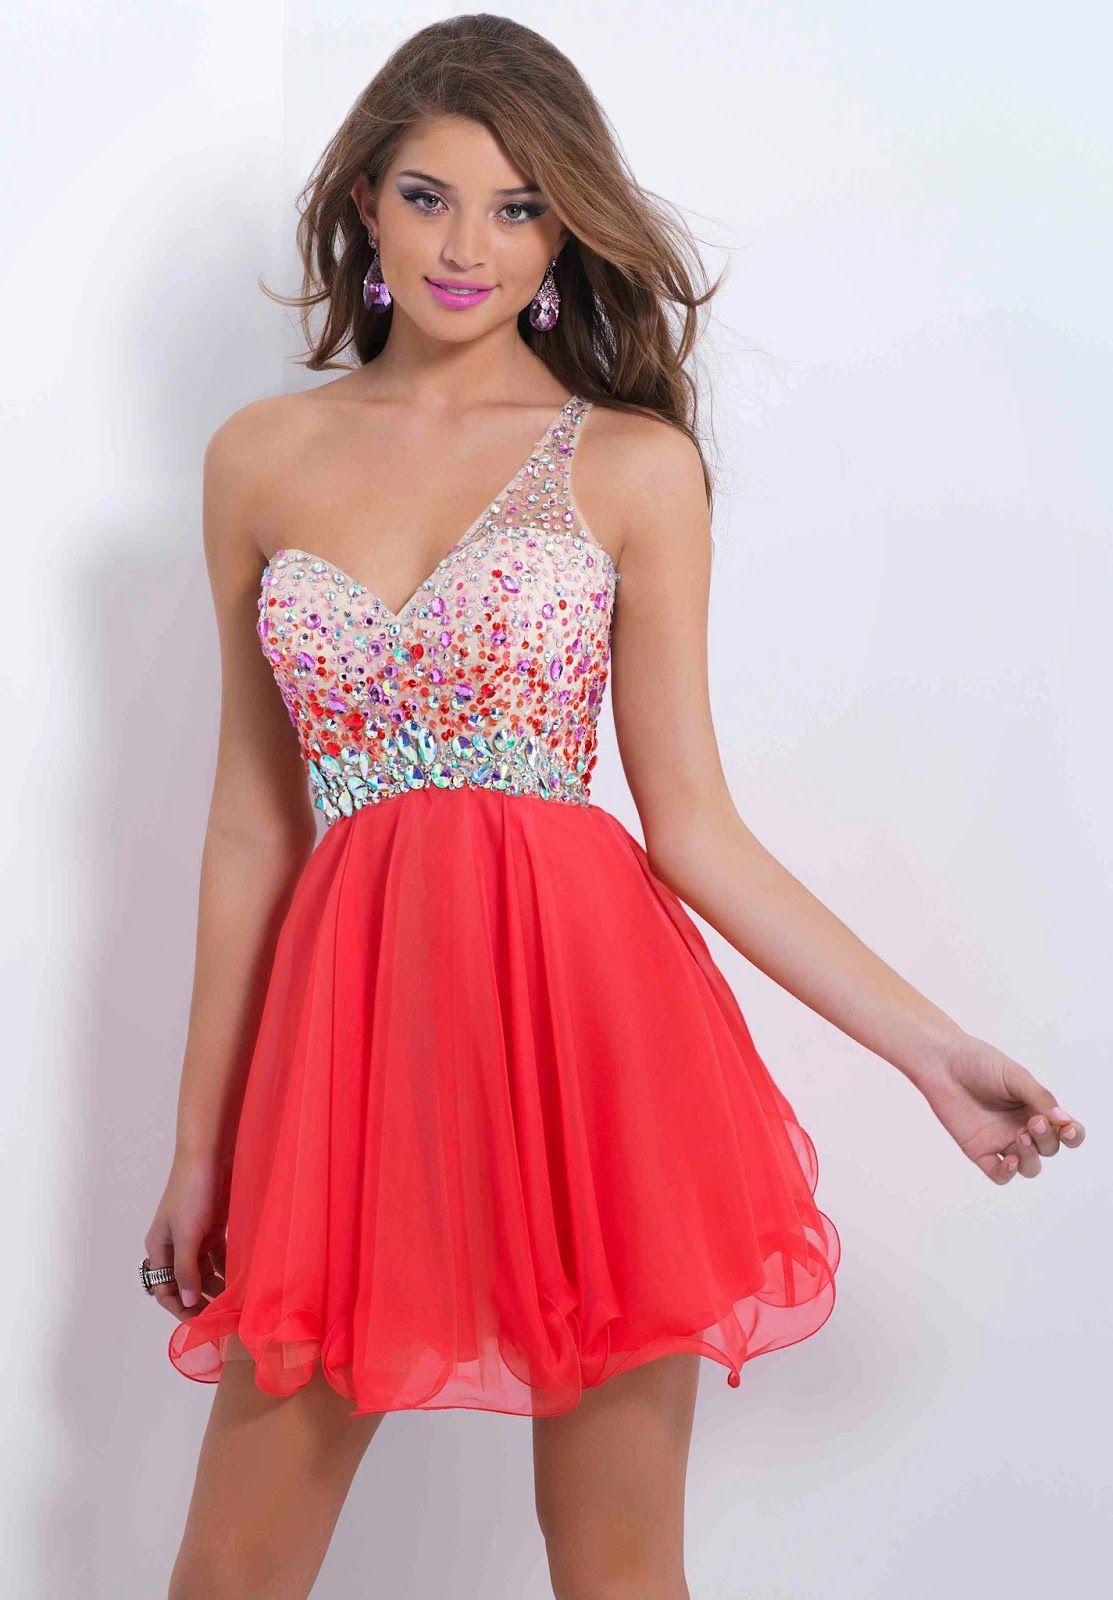 a5e8f2eeda9 Magníficos vestidos de noche para jovencitas